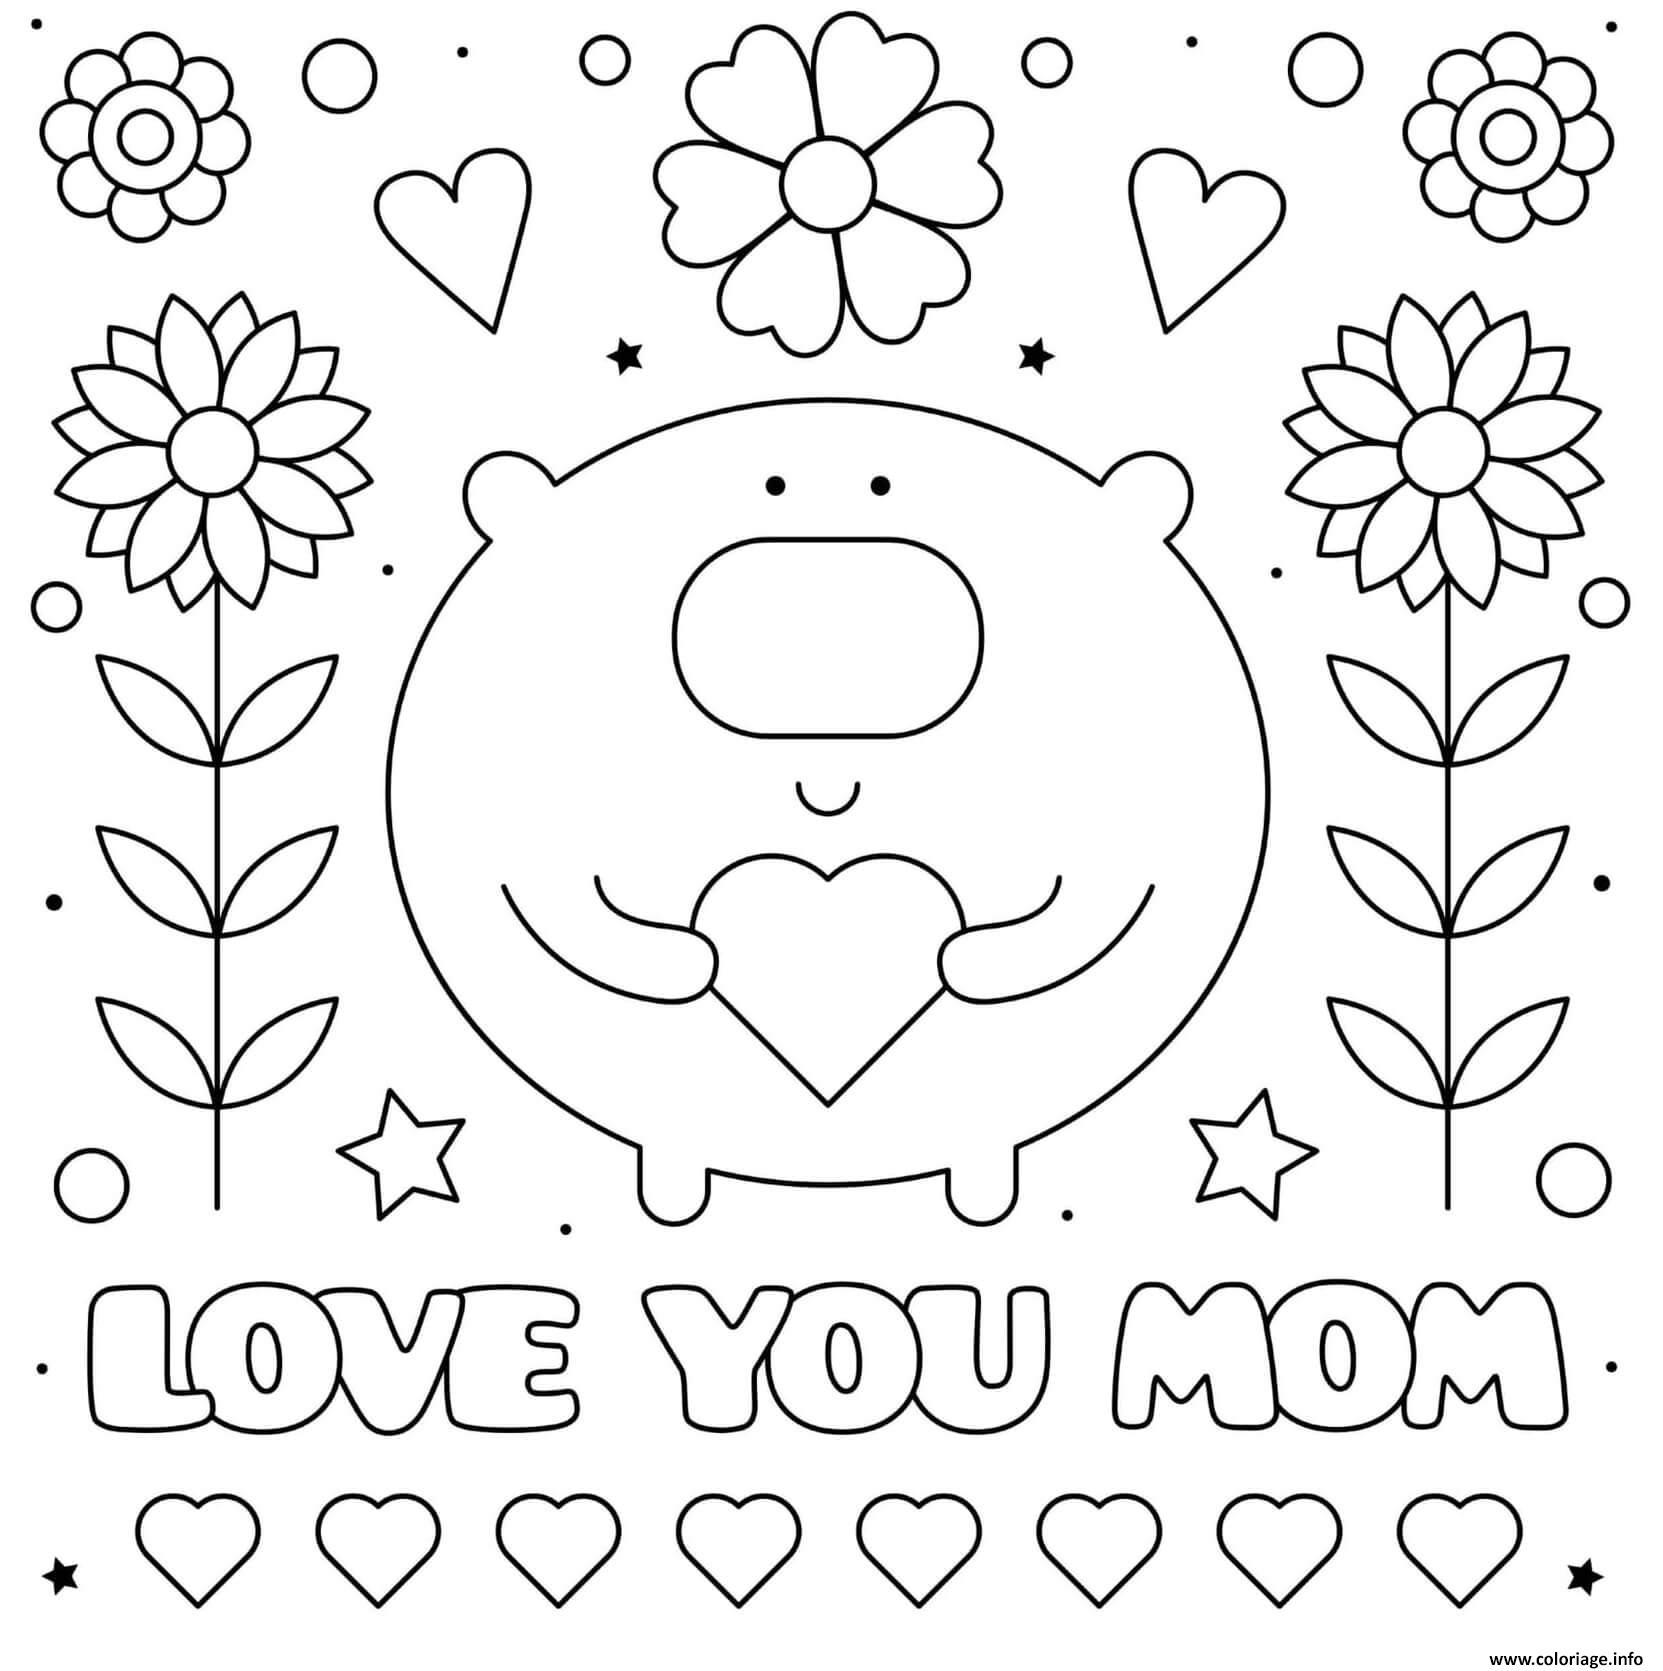 Dessin fete des meres love you maman fleurs coeur cute Coloriage Gratuit à Imprimer